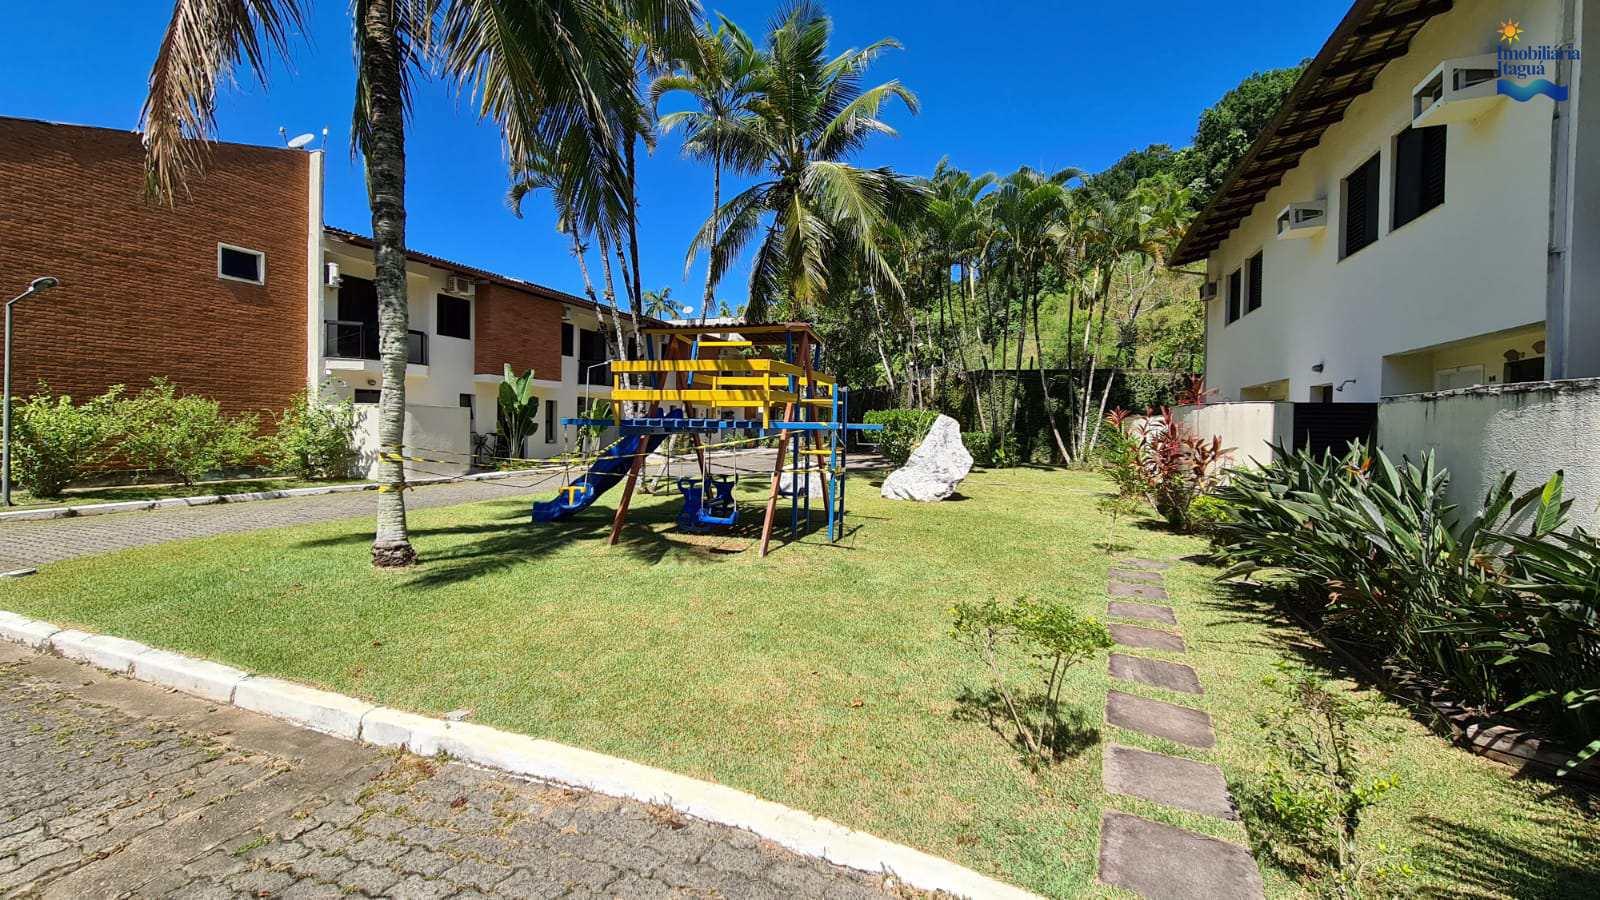 Casa de Condomínio com 4 dorms, Praia da Enseada, Ubatuba - R$ 920 mil, Cod: CA1217